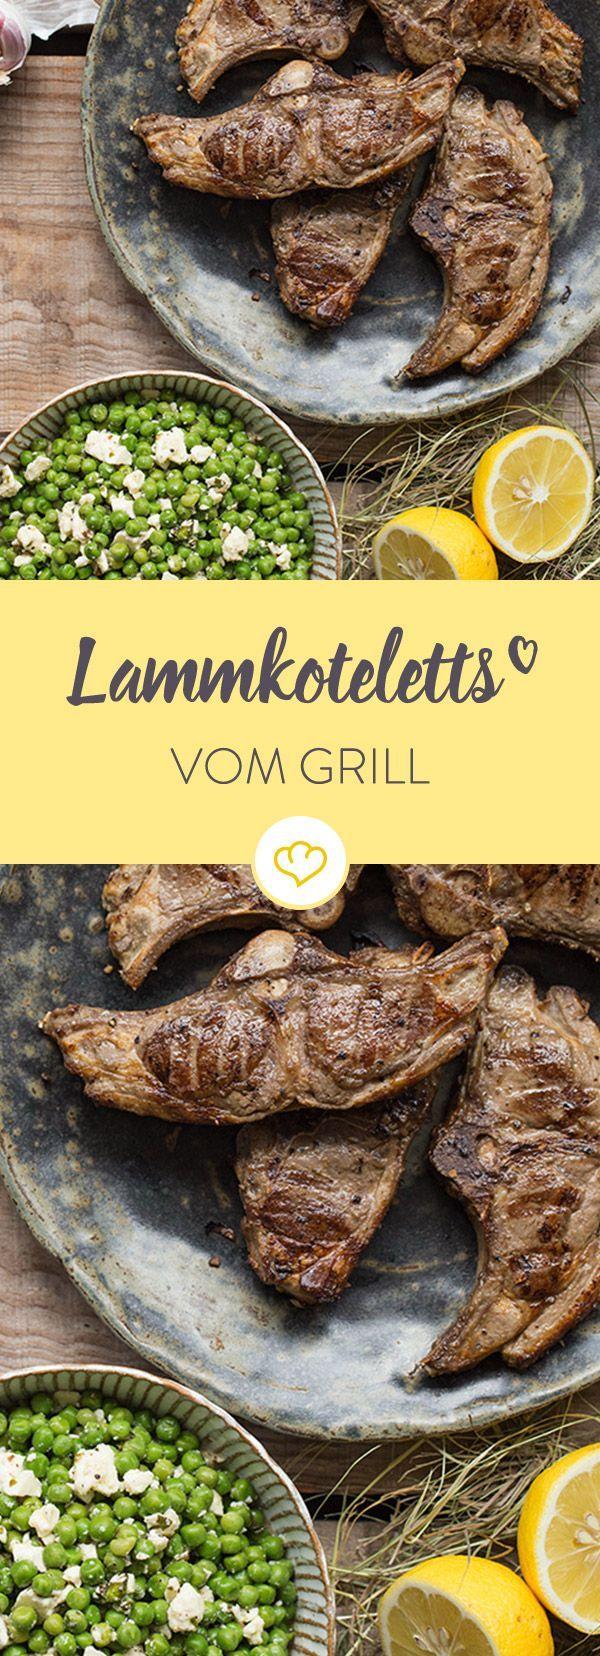 Würziges Lammfleisch mit knackigen Erbsen und einem Hauch von Minze - so lässt das traditionelle Osterlamm in diesem Jahr den Frühling schmecken.